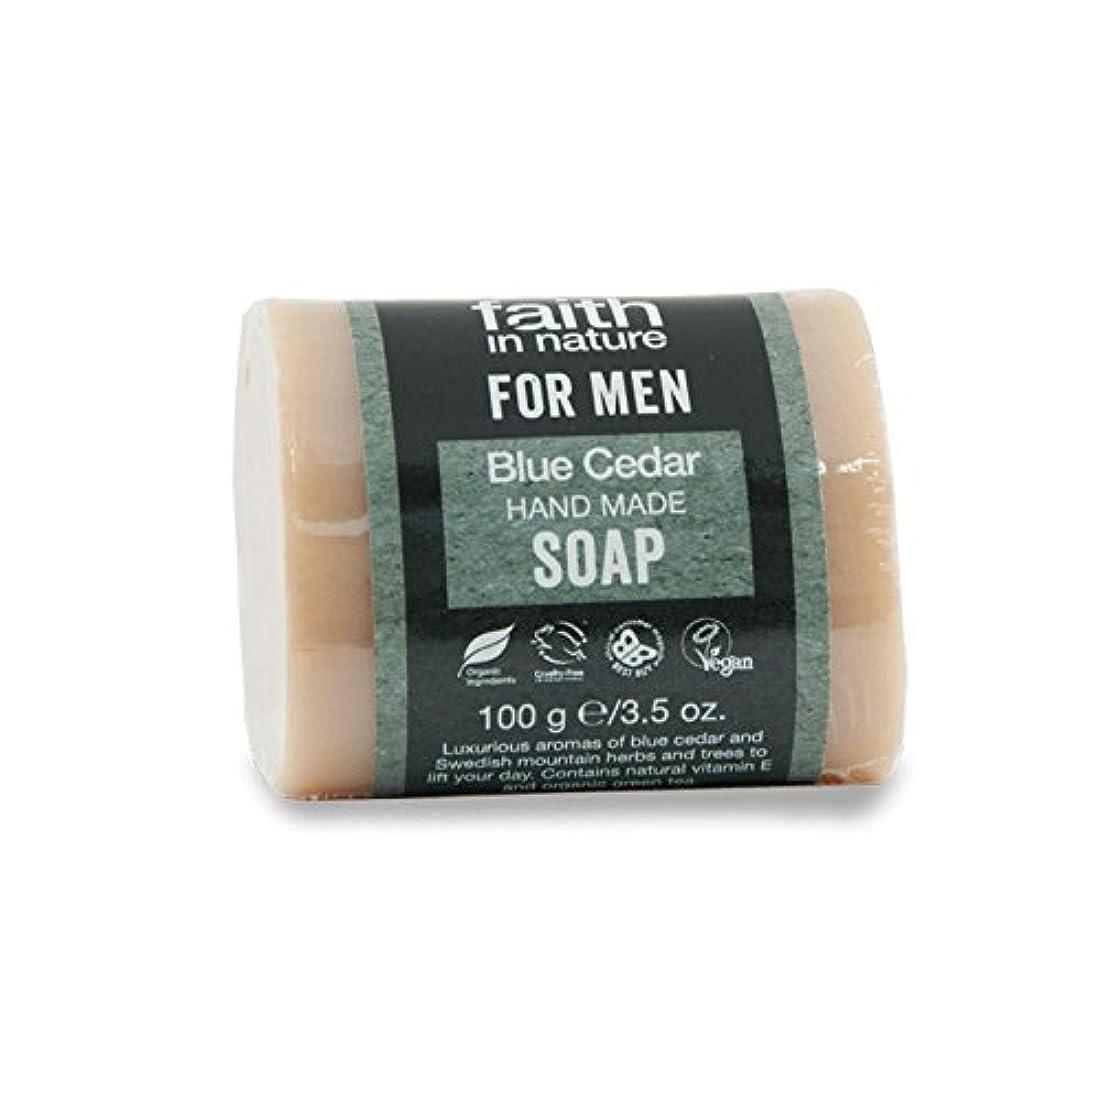 五十建築戦闘男性青杉の石鹸100グラムのための自然の中で信仰 - Faith in Nature for Men Blue Cedar Soap 100g (Faith in Nature) [並行輸入品]